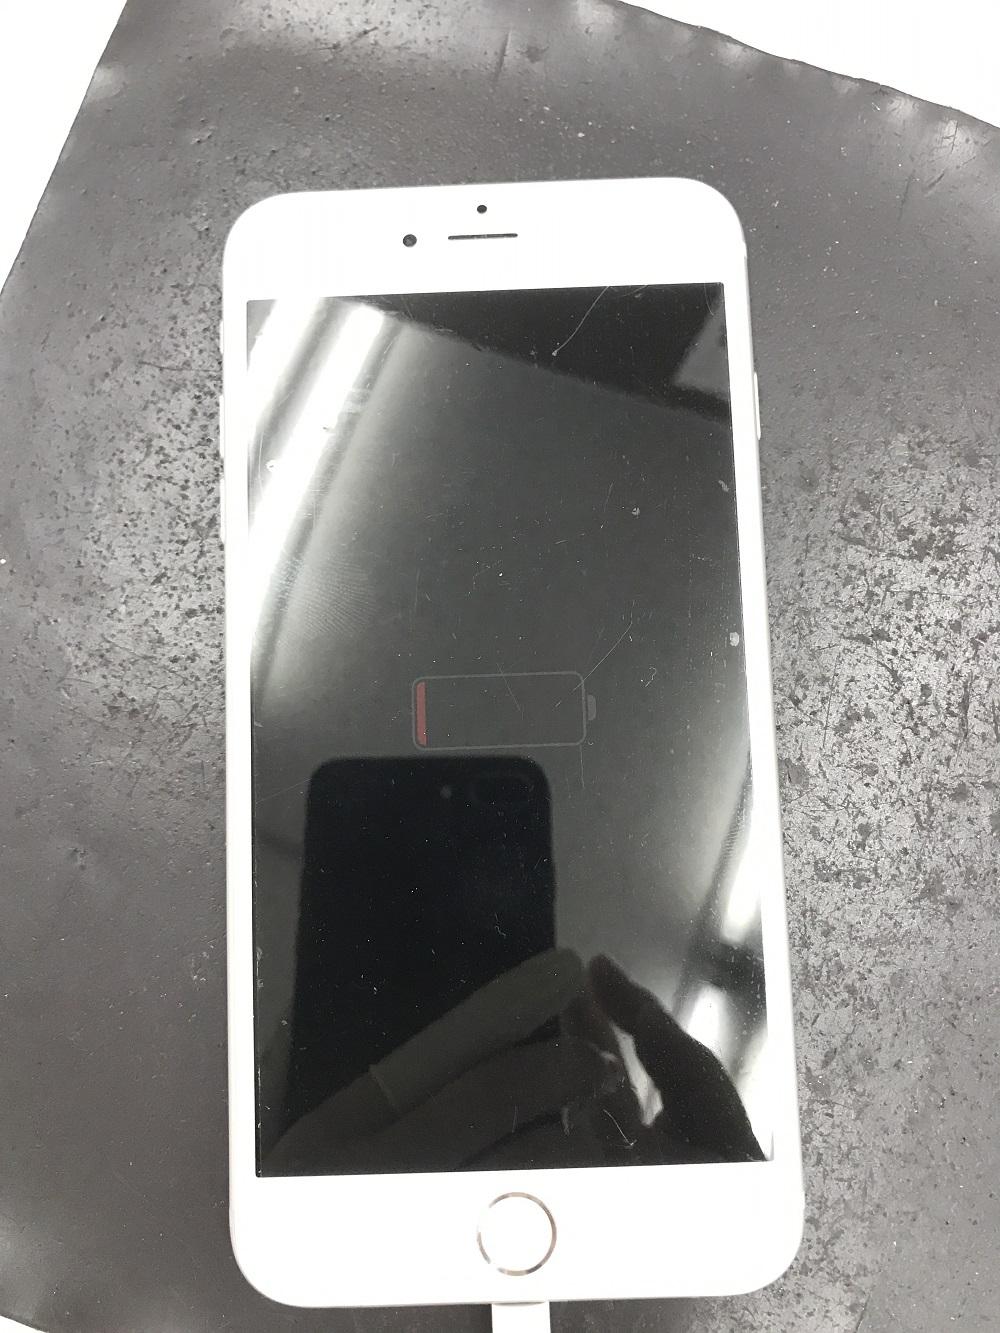 iPhoneバッテリー交換前 起動しない様子